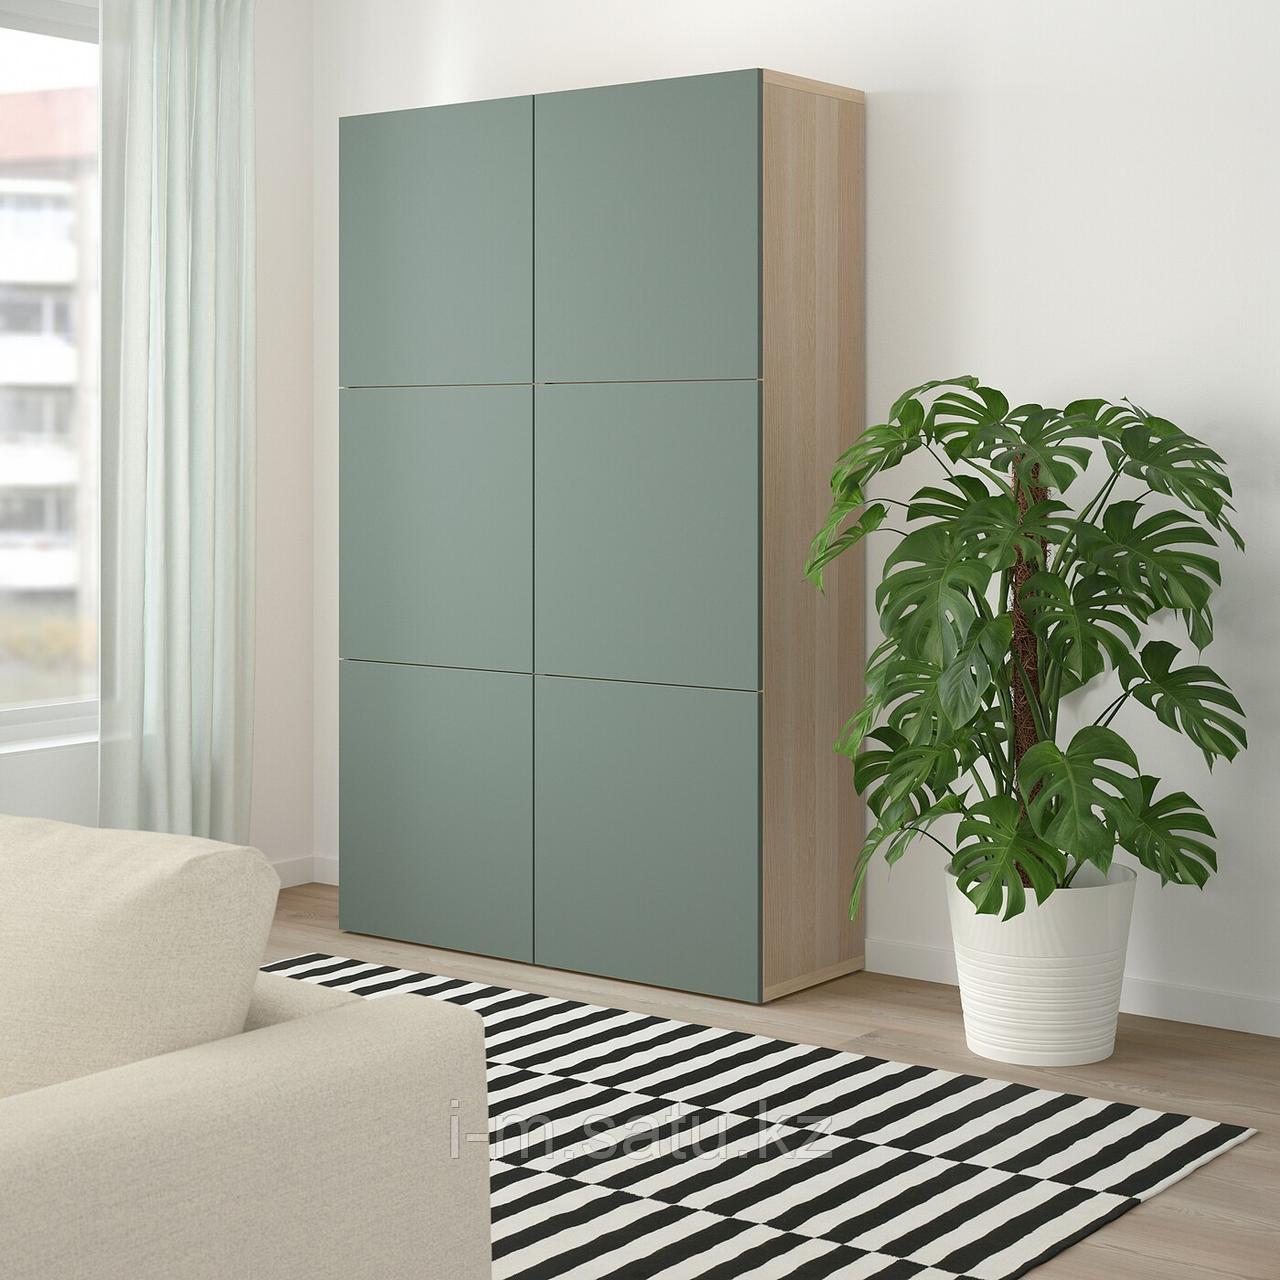 БЕСТО Комбинация для хранения с дверцами, под беленый дуб, Нотвикен серо-зеленый, 120x42x192 см